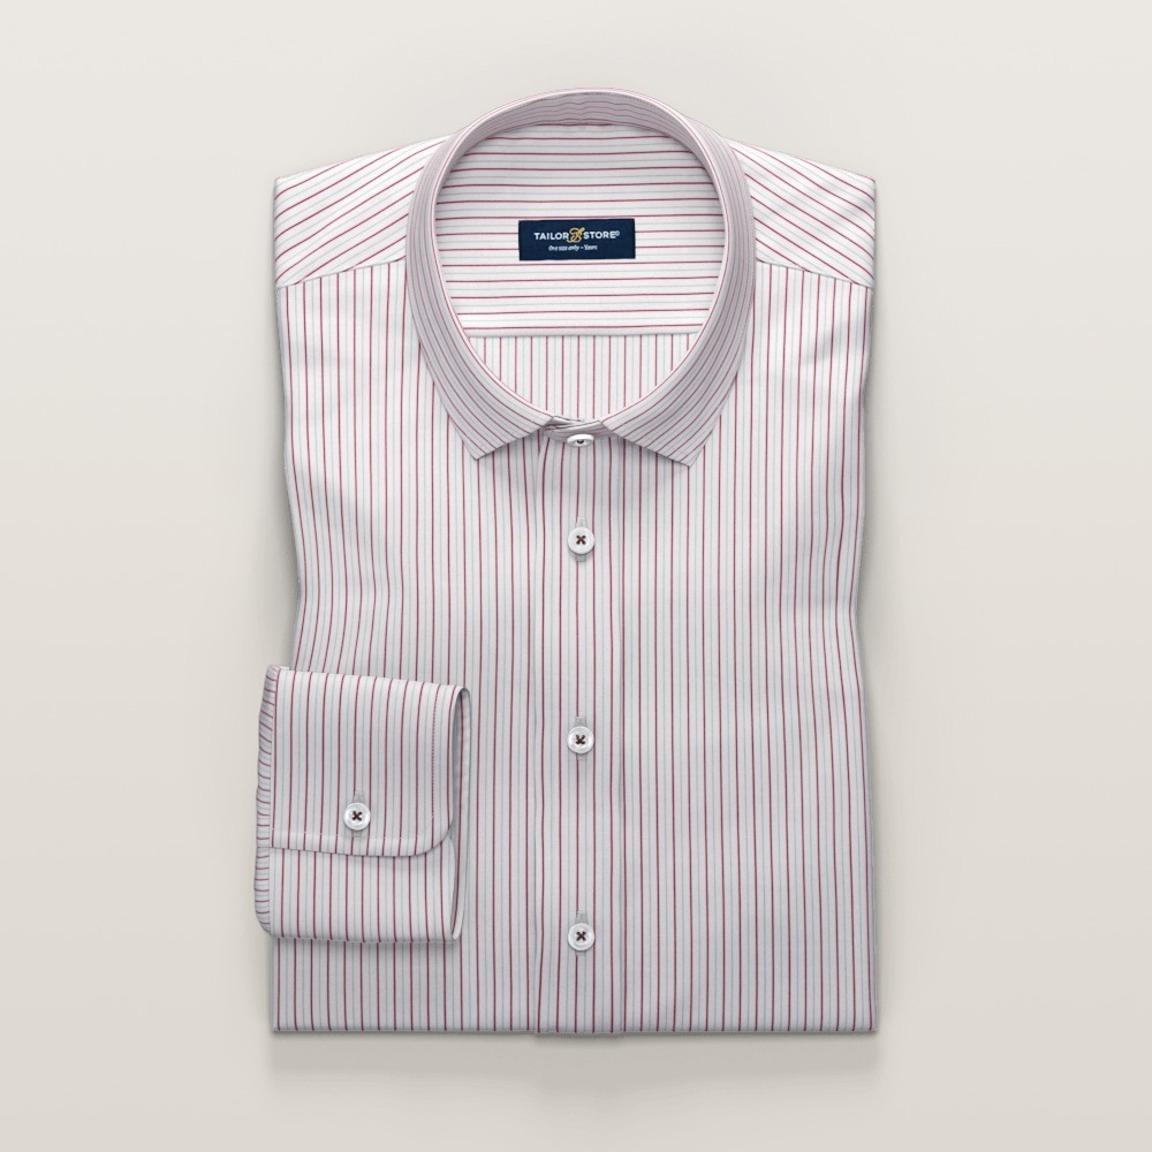 Trendy weißes Business-Hemd mit dünnen roten Streifen